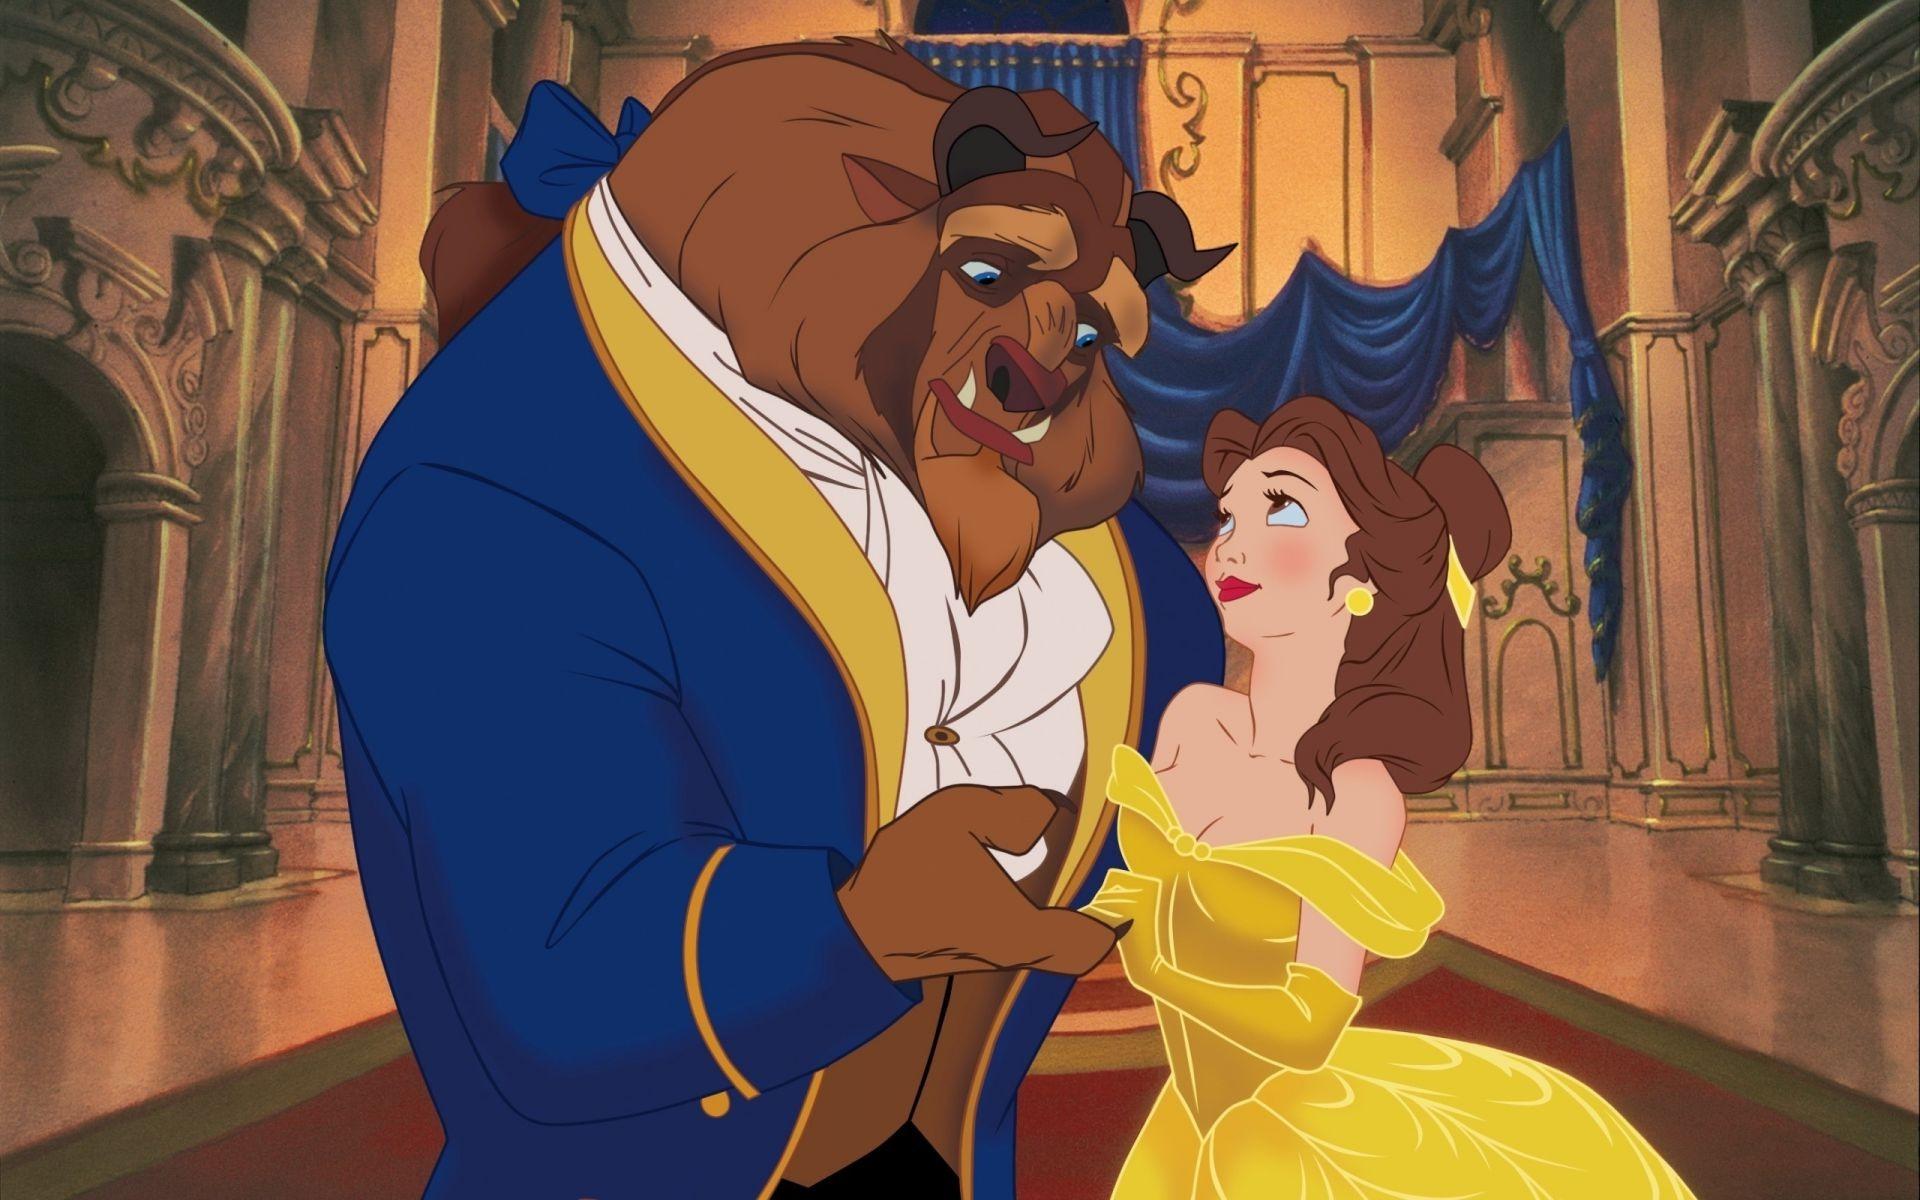 Банк Обоев: обои Мультфильмы Walt Disney - Маугли, фото - Обои для ...   1200x1920